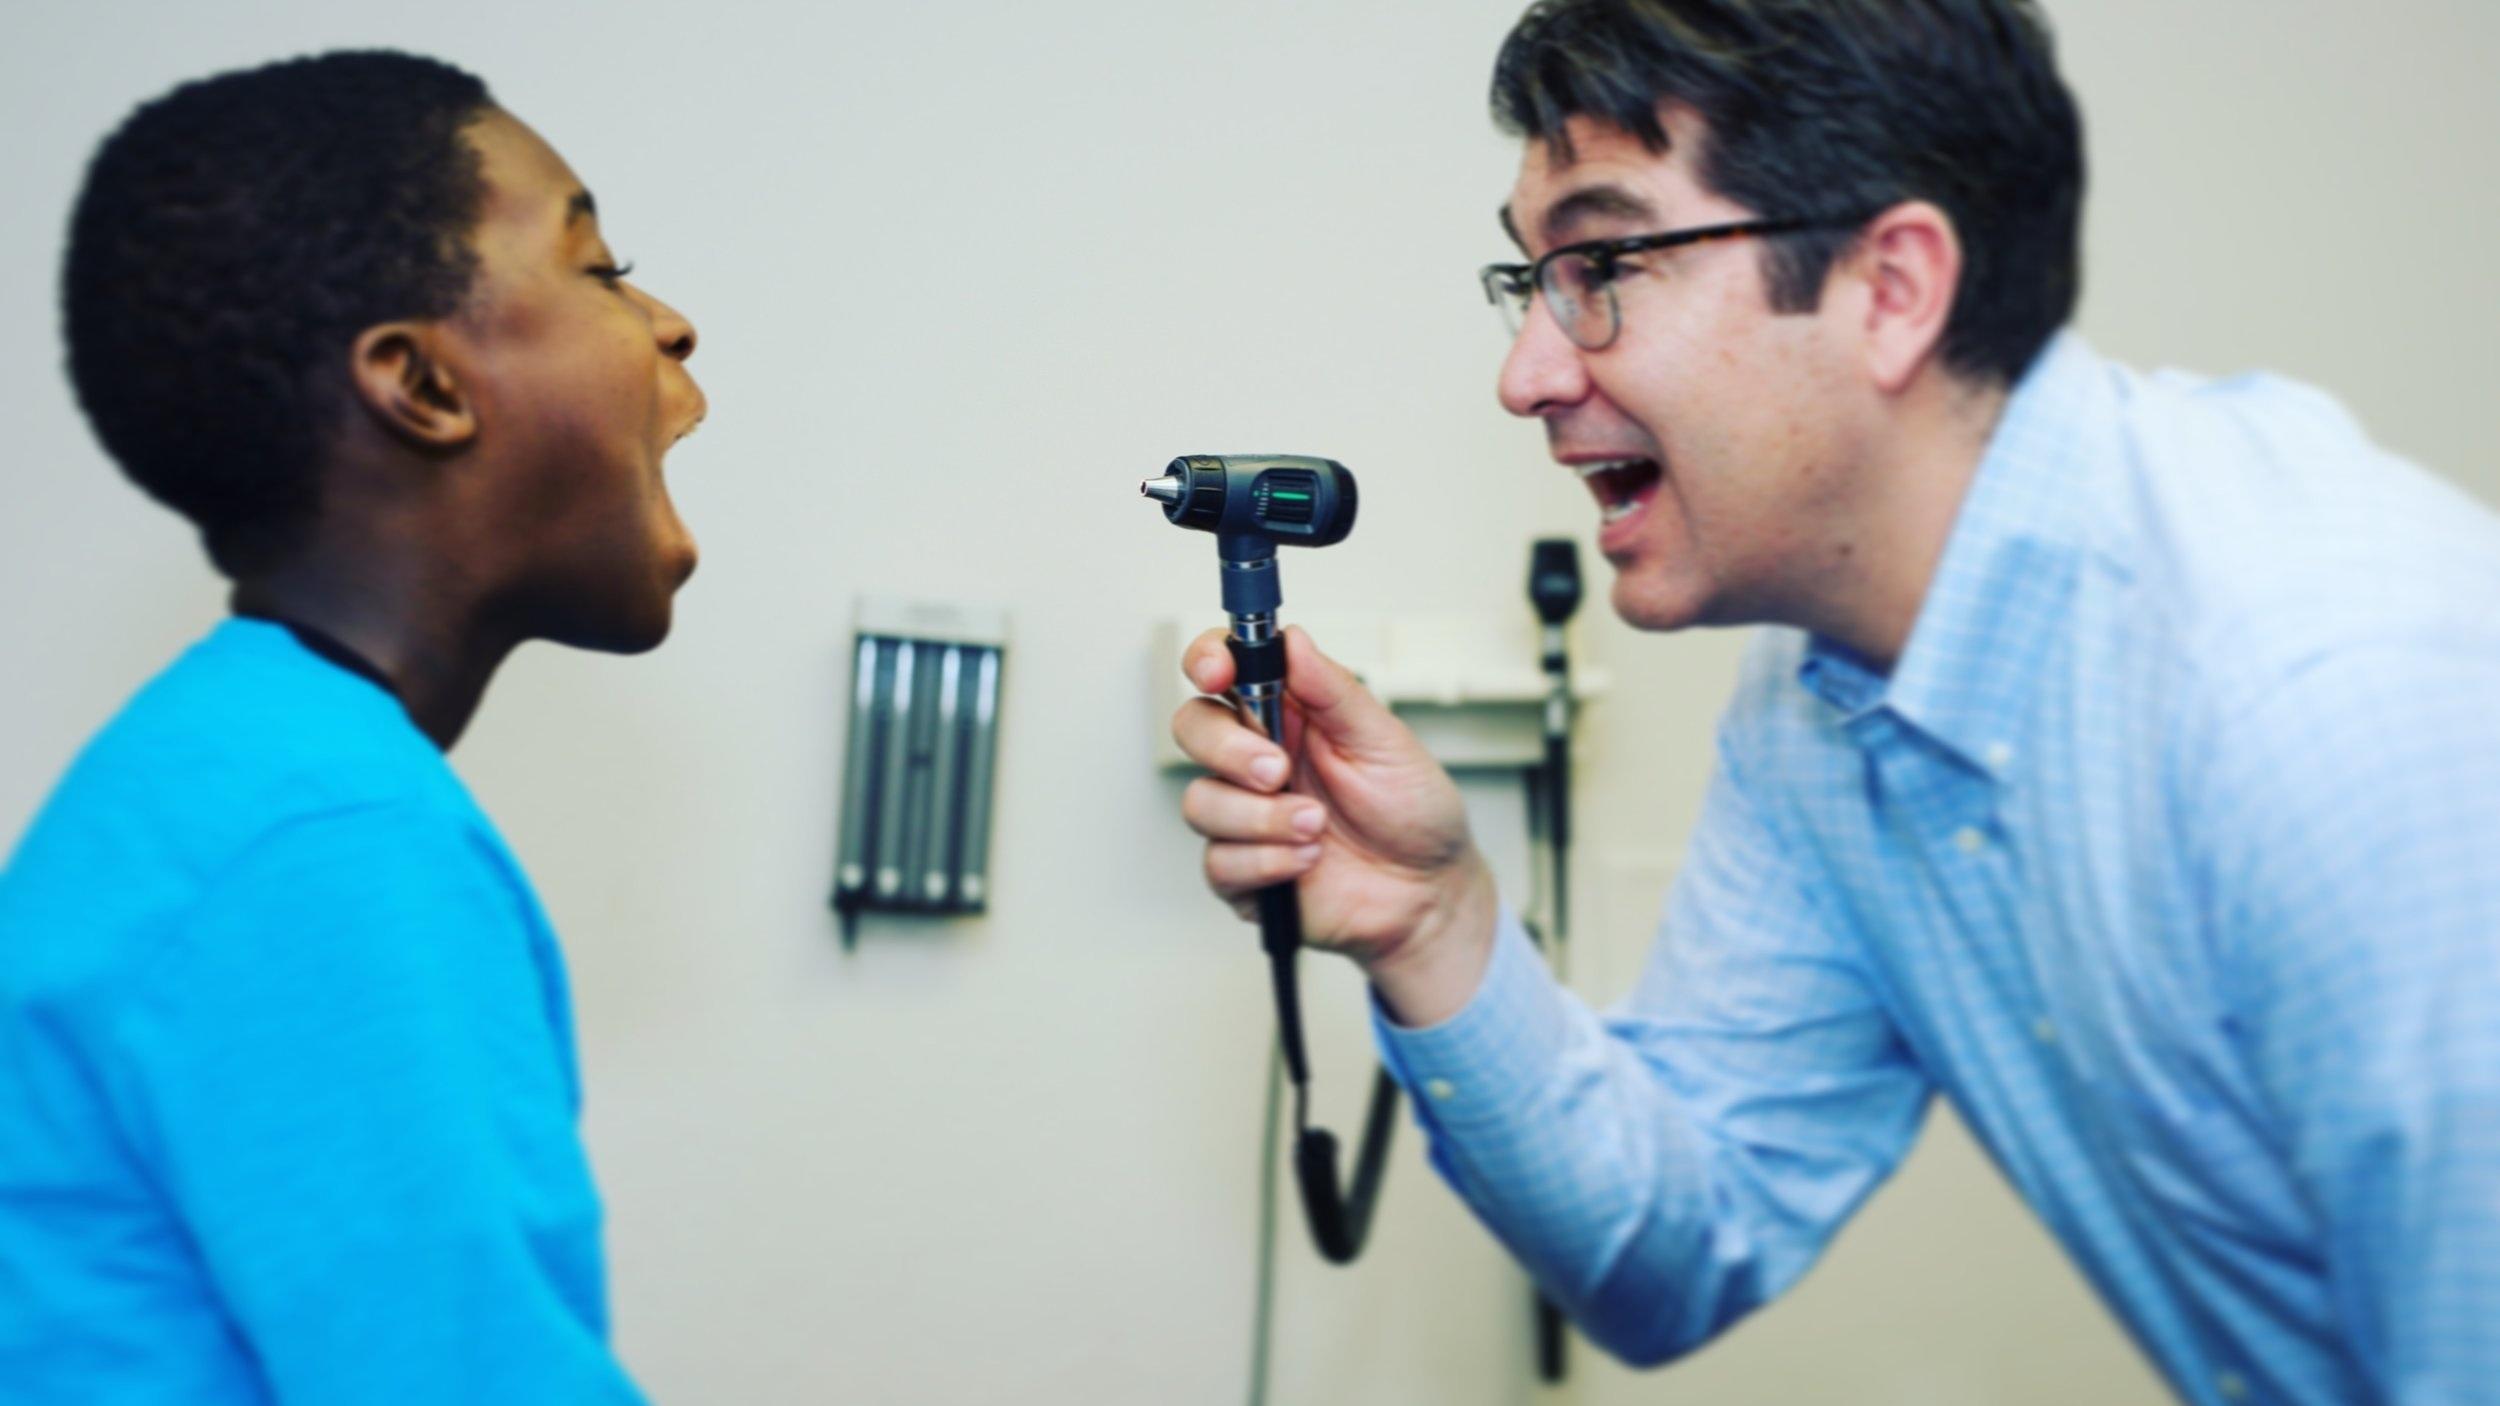 Dr. Mario Gaspar De Alba examines a patient at the UNLV Medicine Ackerman Autism Center